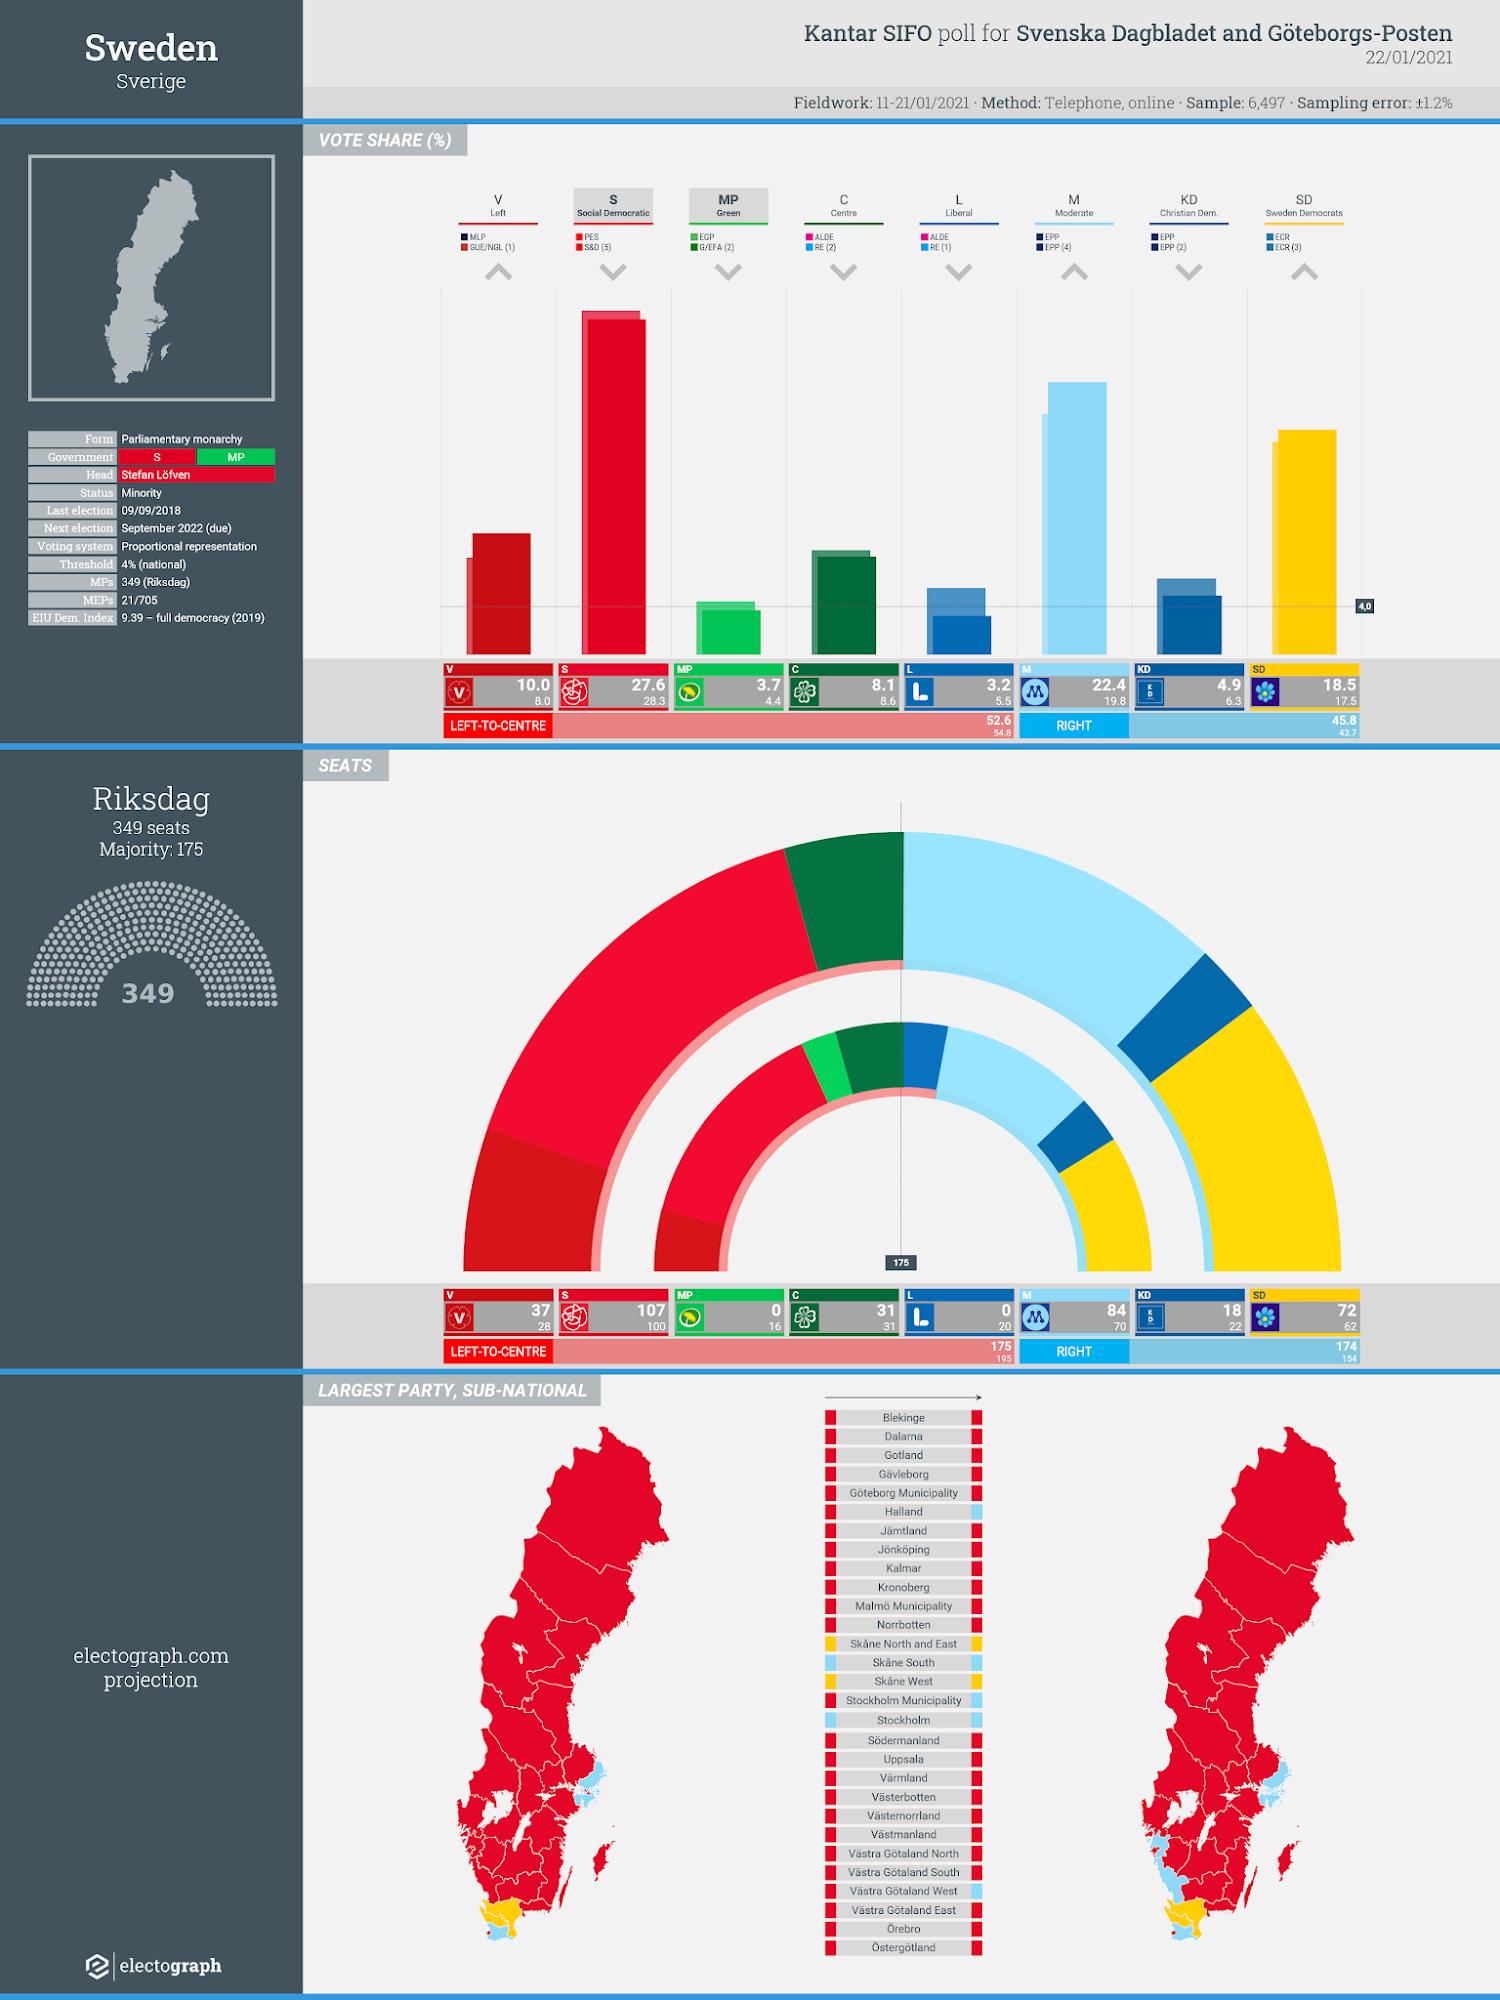 SWEDEN: Kantar SIFO poll chart for Svenska Dagbladet and Göteborgs-Posten, 22 January 2021